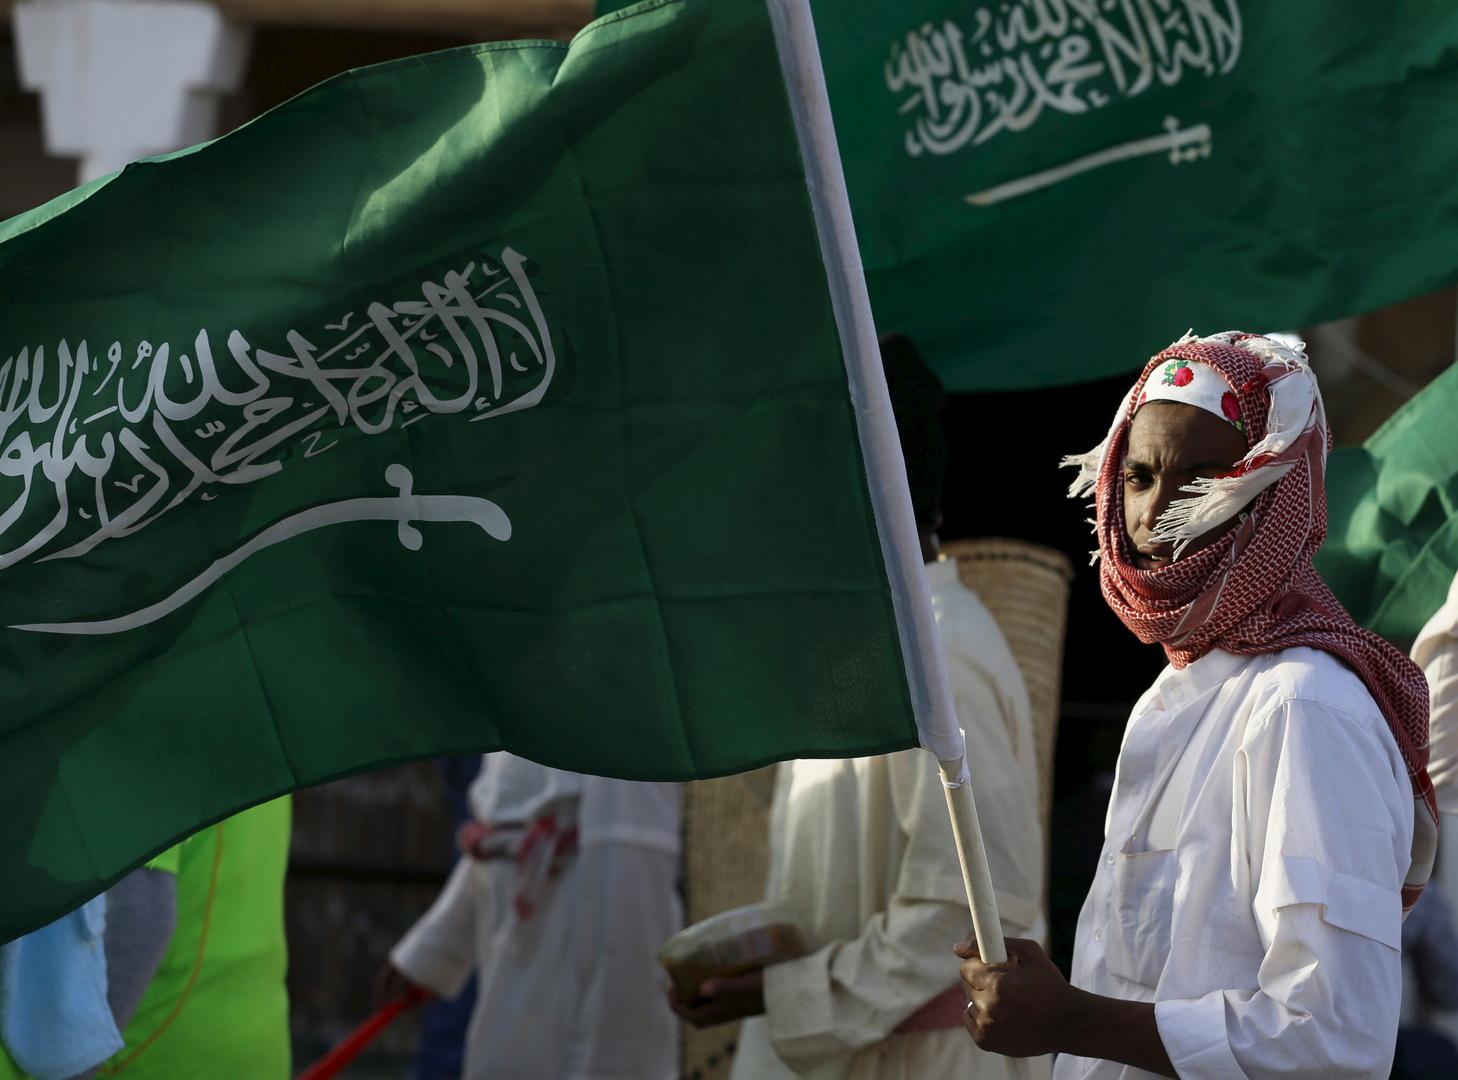 السعودية: القضية الفلسطينية قضيتنا الأولى ونرفض موقف واشنطن حول المستوطنات